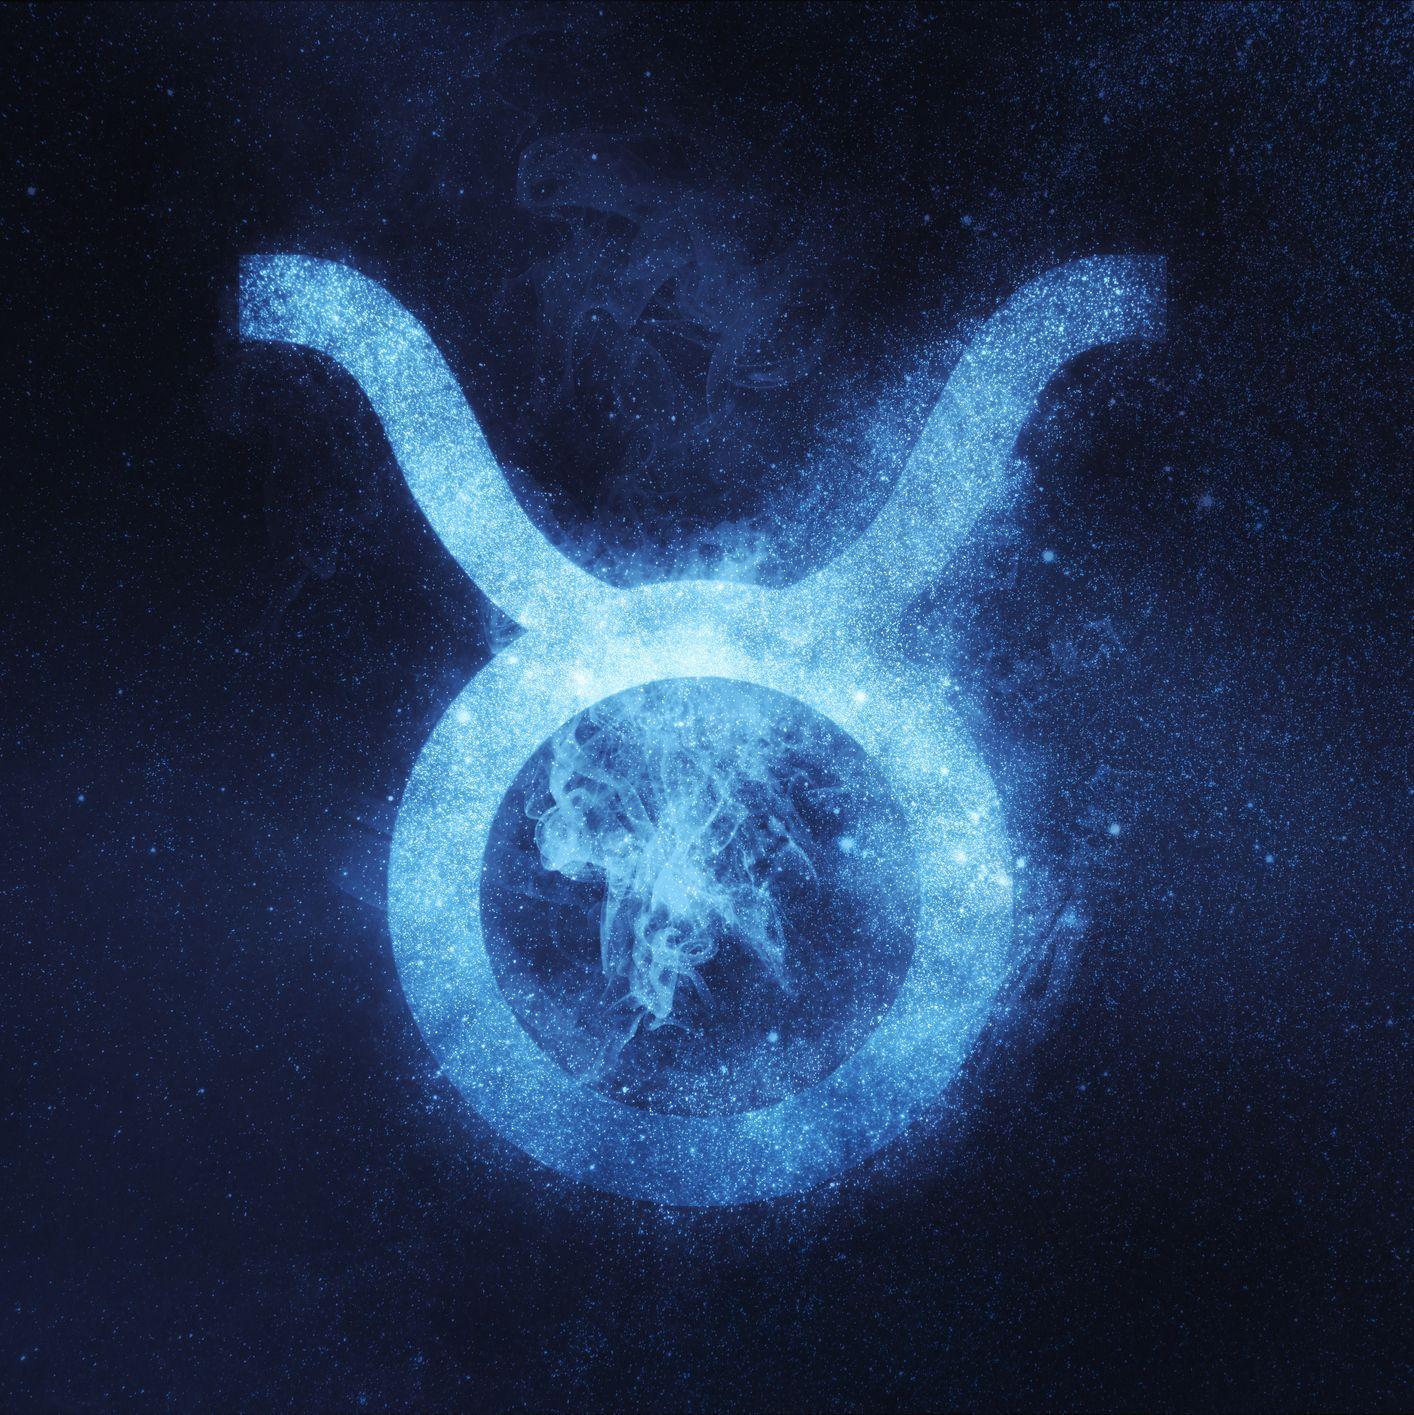 Ramalan Cinta Zodiak April 2021 - Taurus